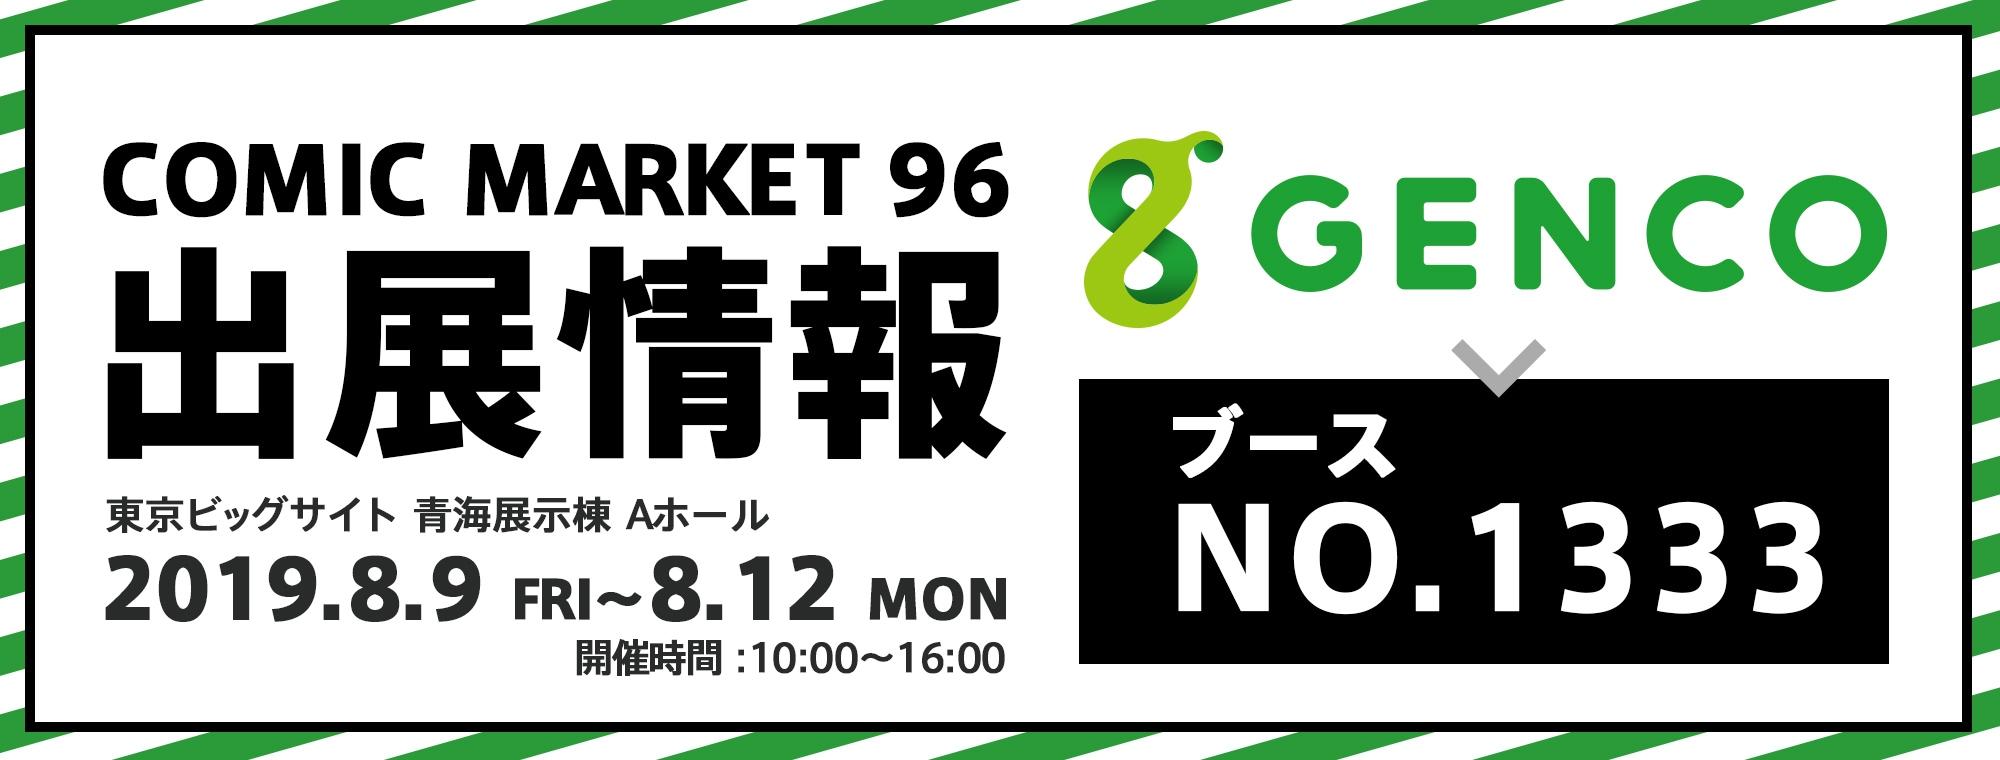 コミックマーケット96 GENCOブース